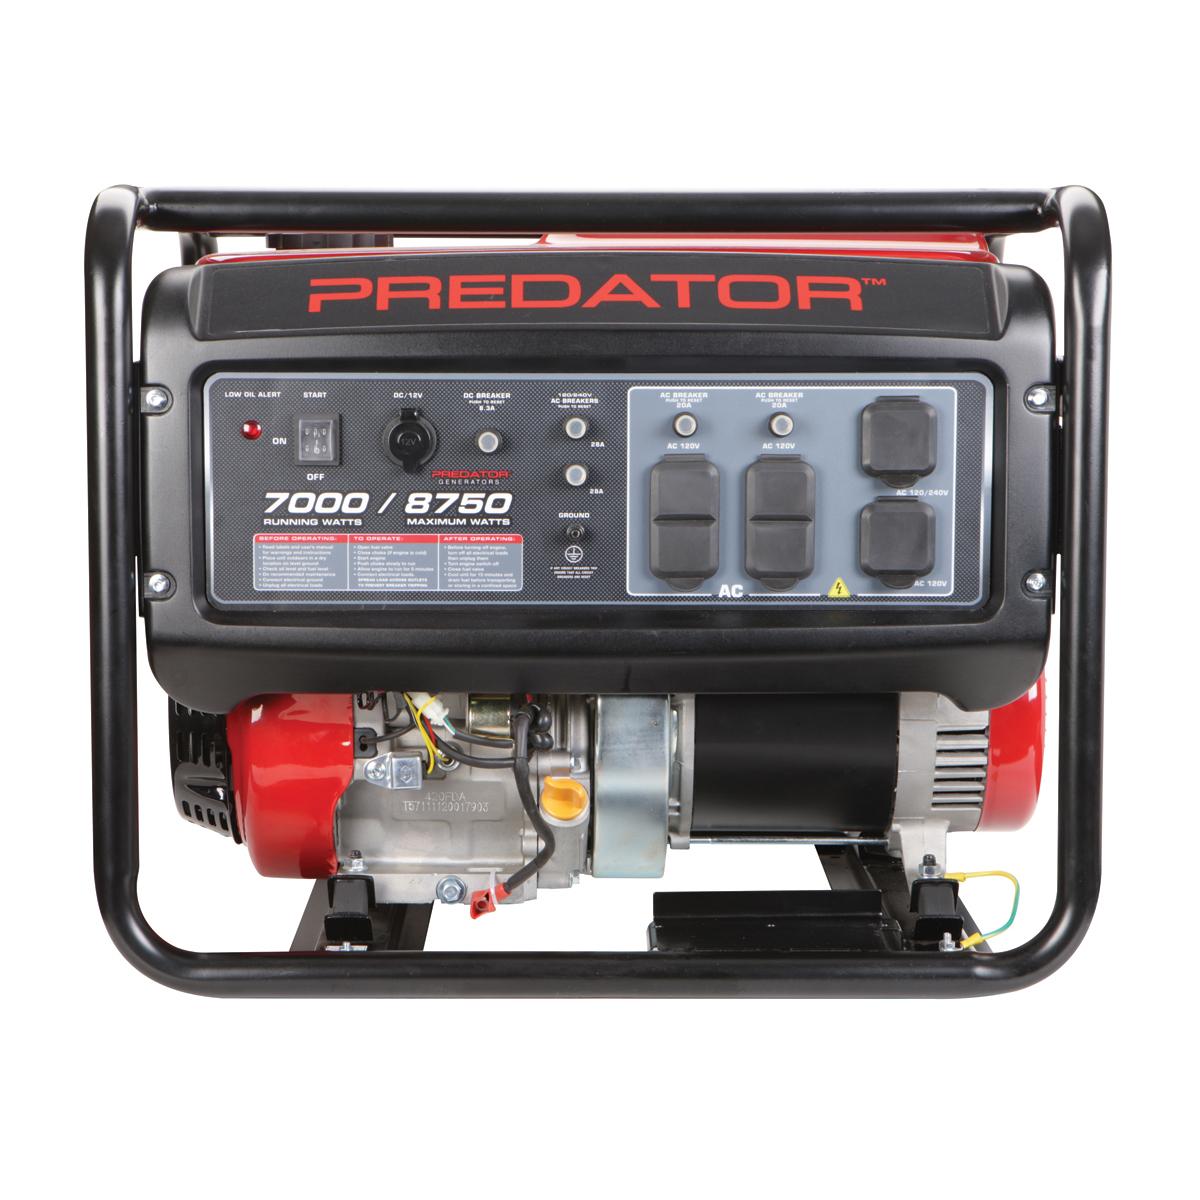 8750 Peak  7000 Running Watts  13 Hp  420cc  Generator Epa Iii